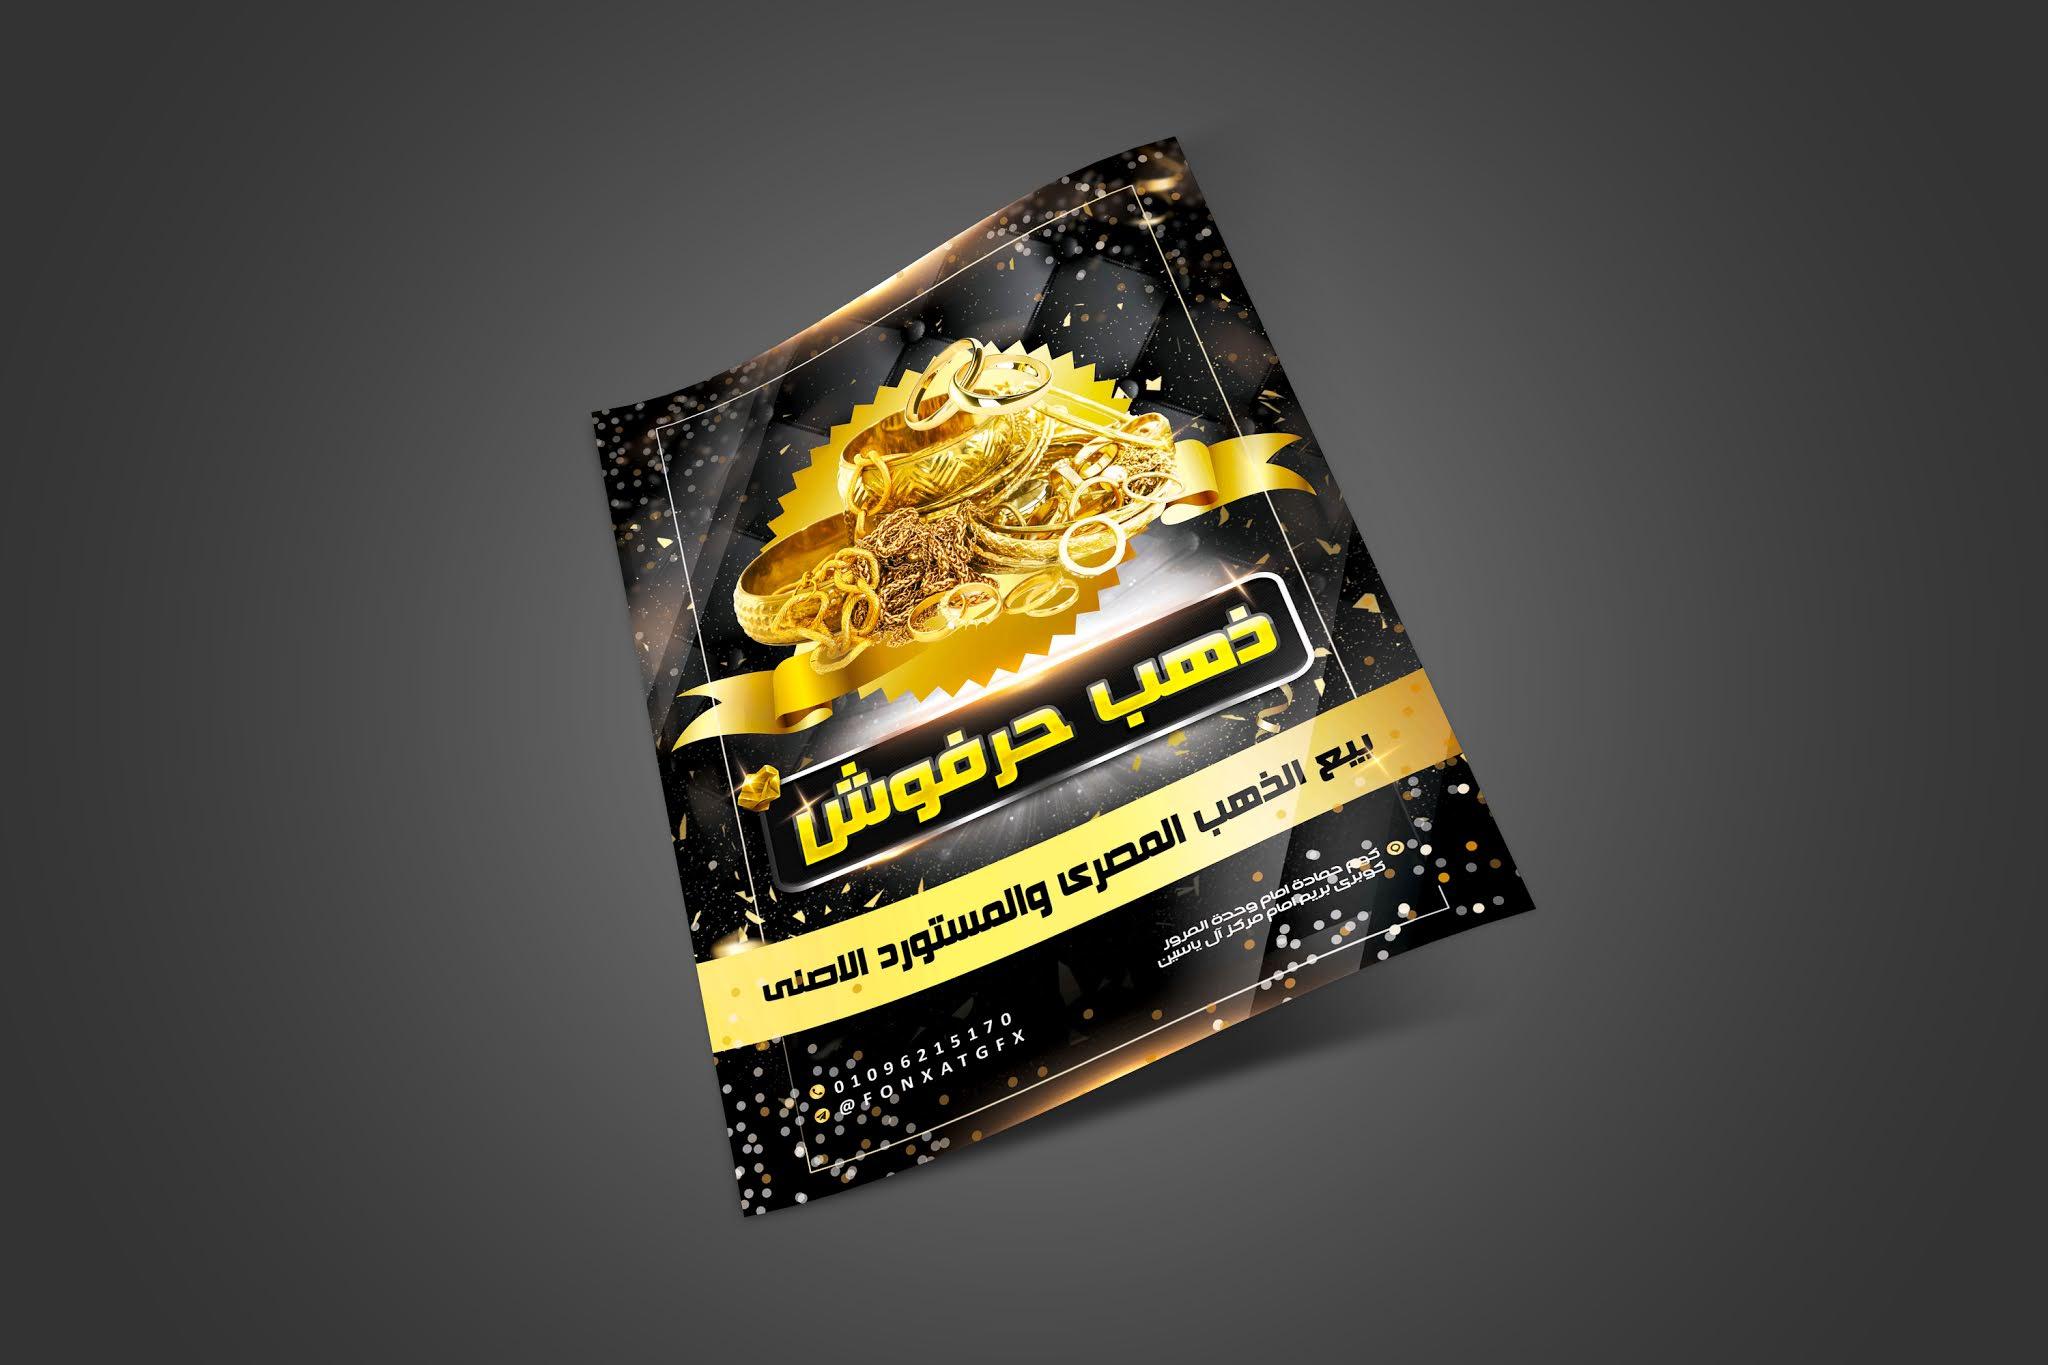 تصميم psd فلاير احترافى  خاص بالمجوهرات بطابع اللون الاسود والذهبى